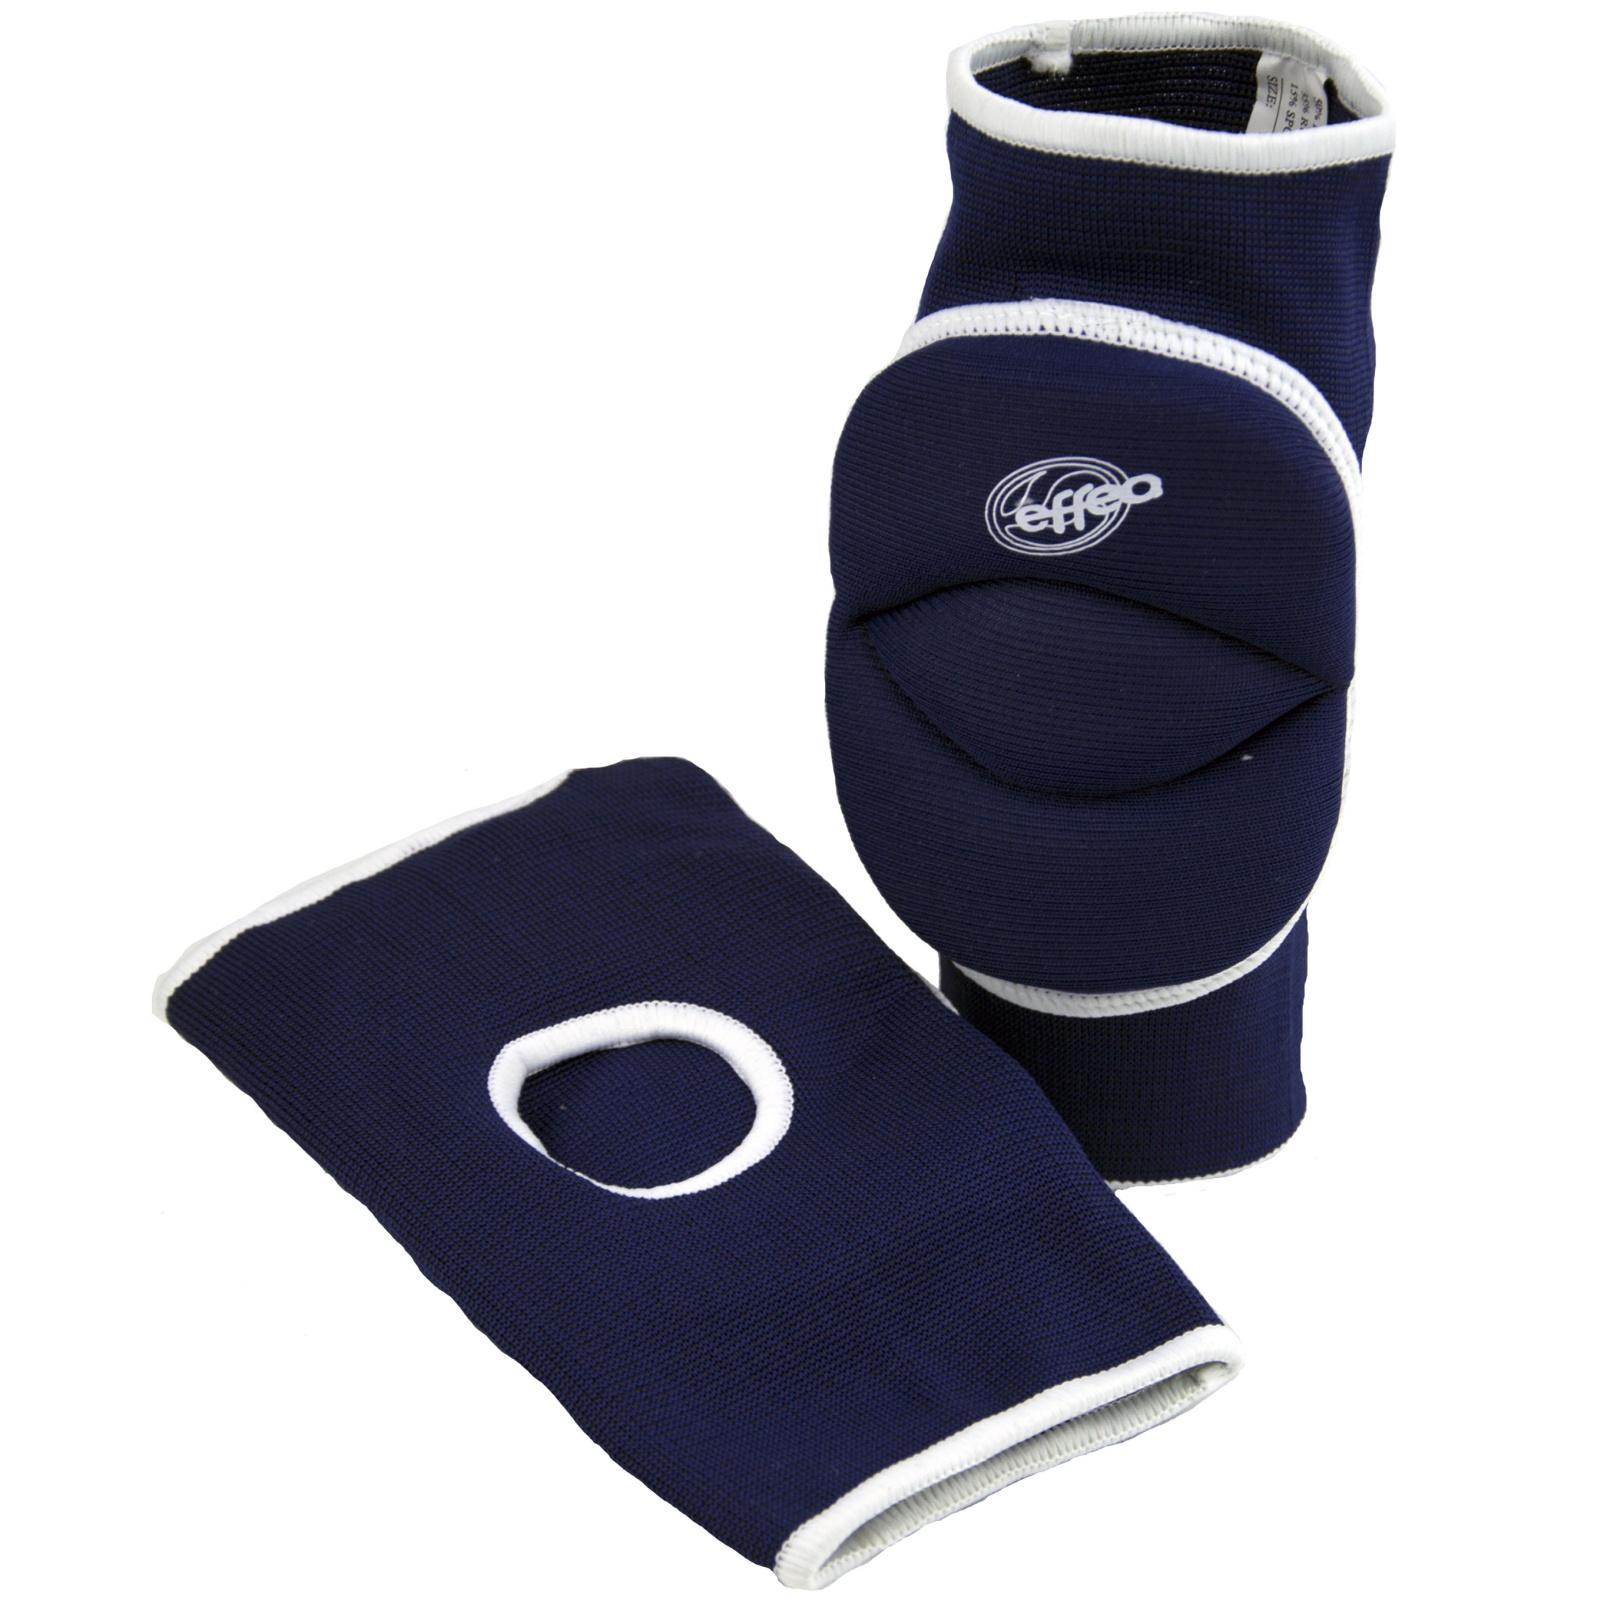 Volejbalové chrániče kolen EFFEA 6644 KD modré